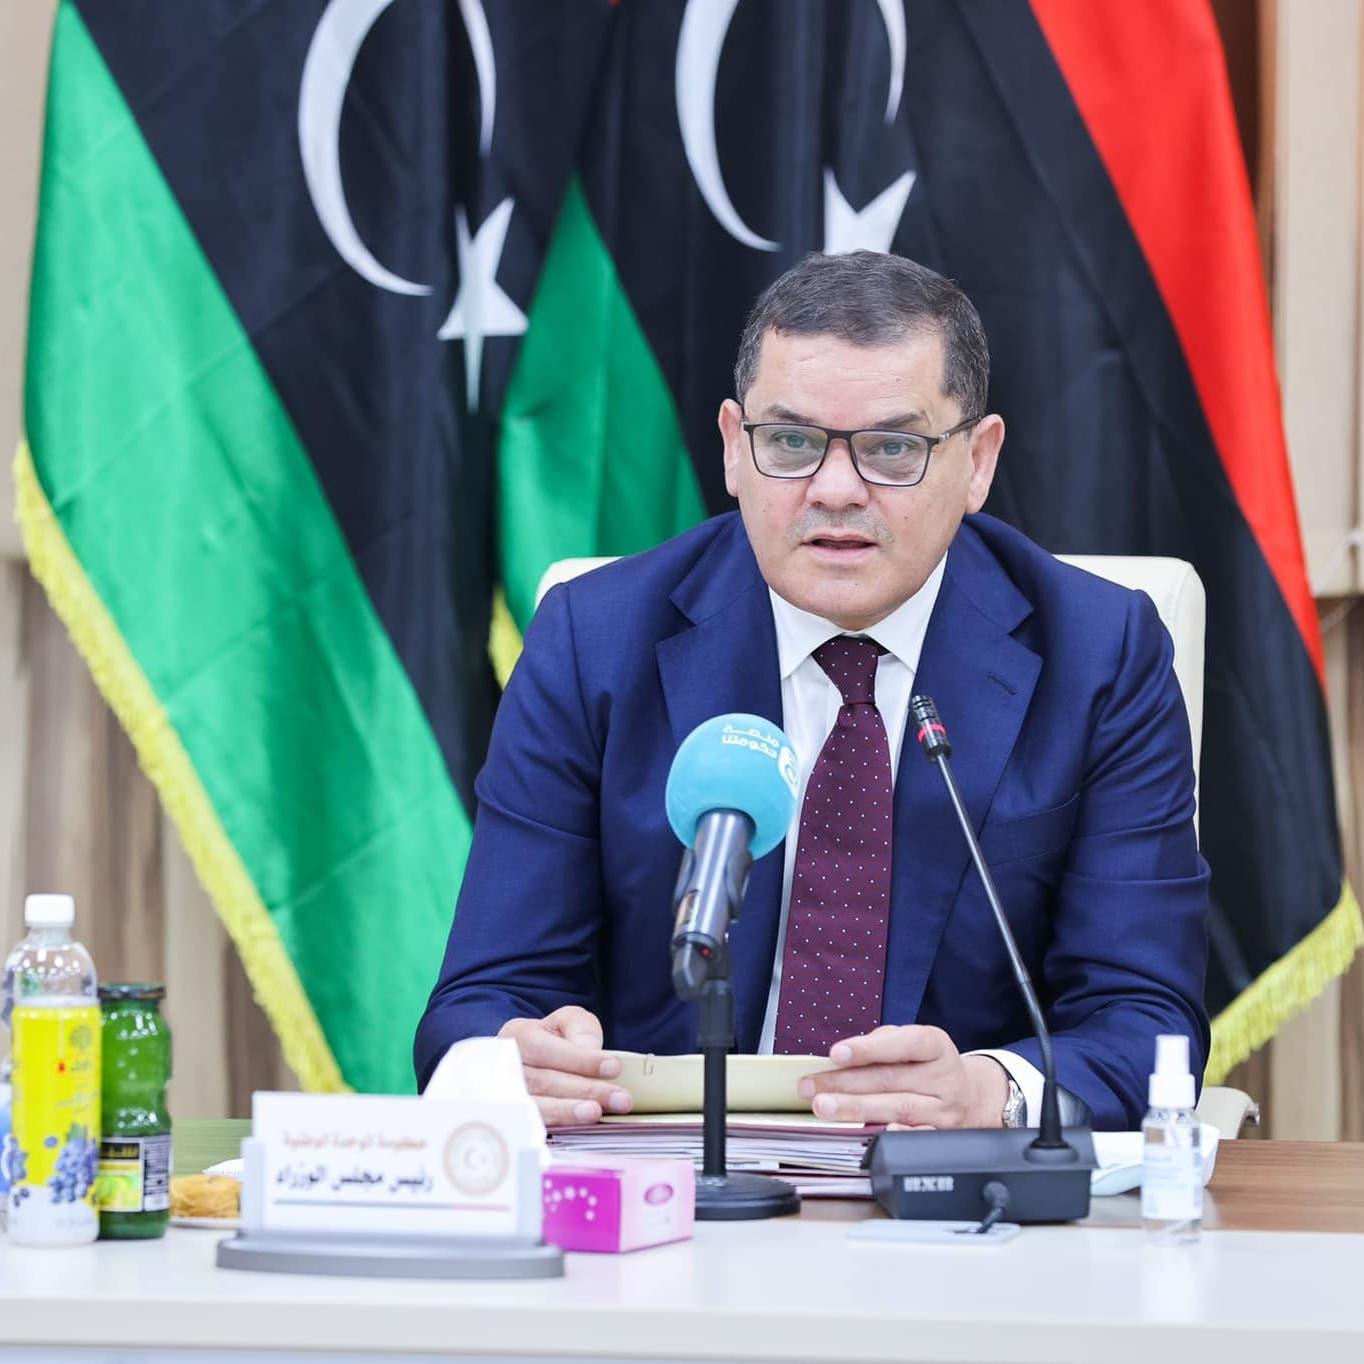 اتهمها بتصدير الإرهاب لليبيا.. تصريحات الدبيبة تثير غضب التونسيين